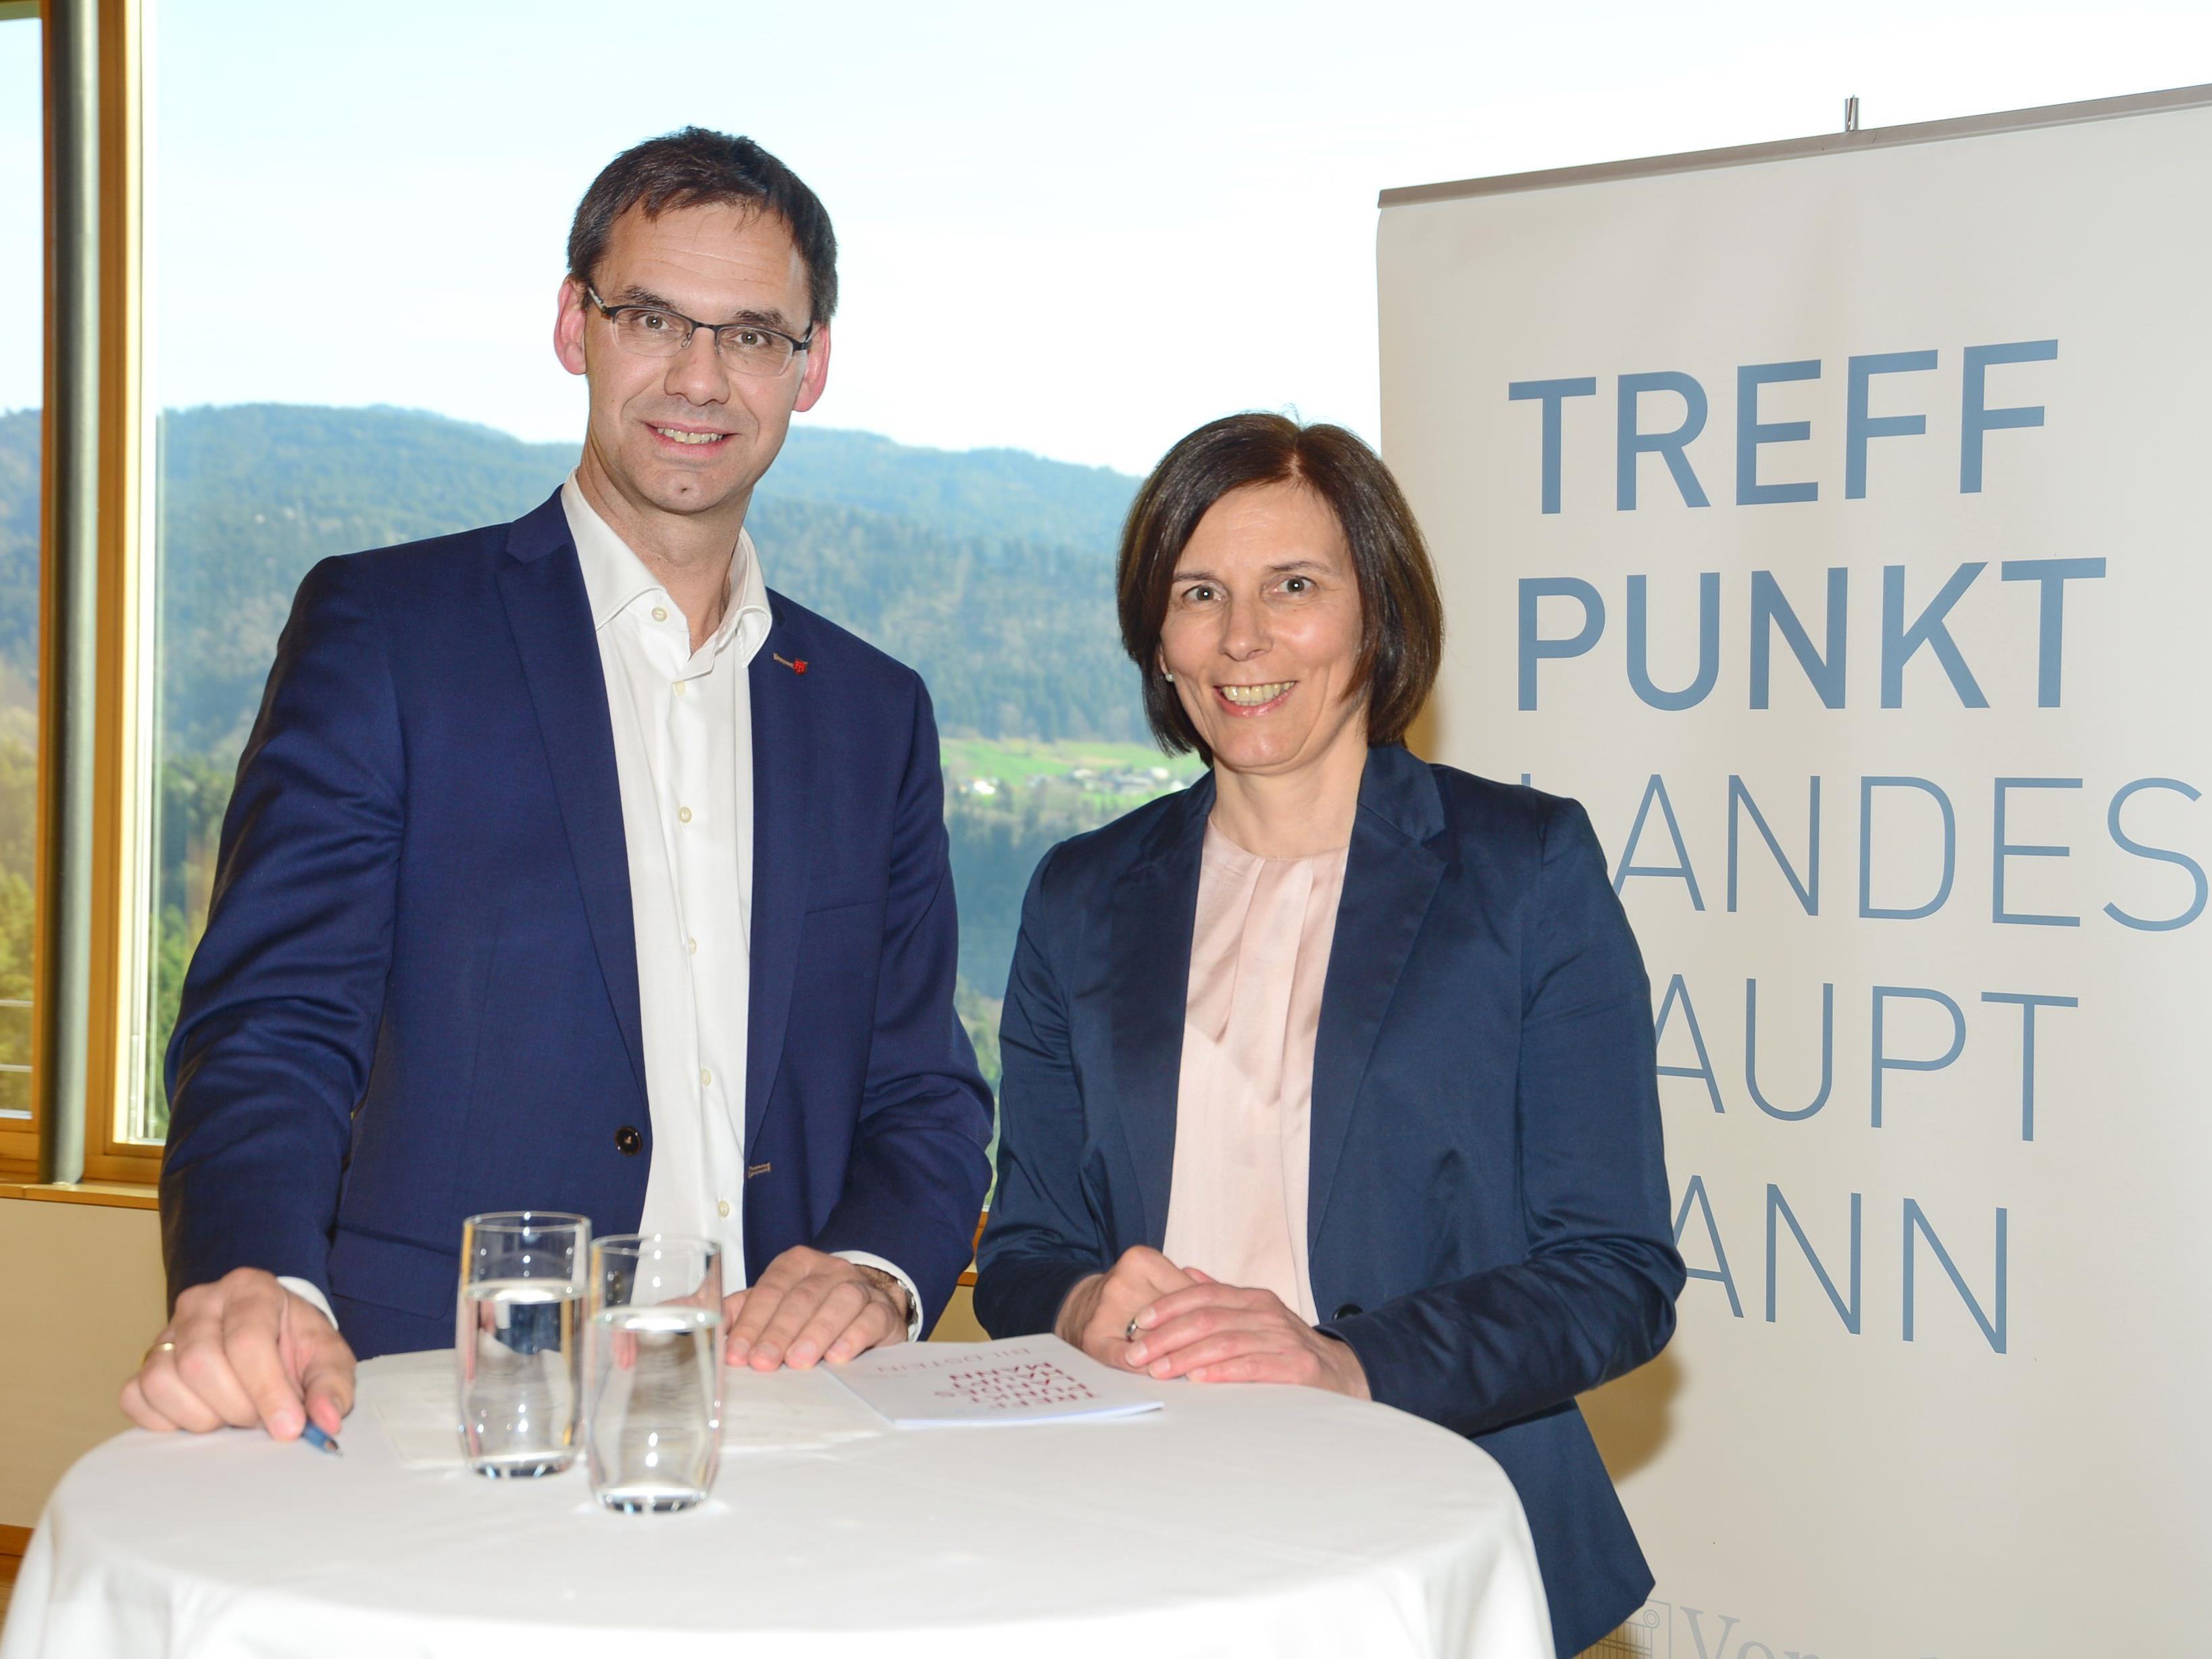 Landeshauptmann Markus Wallner begrüßte gemeinsam mit Bürgermeisterin Judith Schilling-Grabher rund 30 Wirtschaftstreibende, Vereinsobleute und Mitglieder der örtlichen Gemeindevertretung.